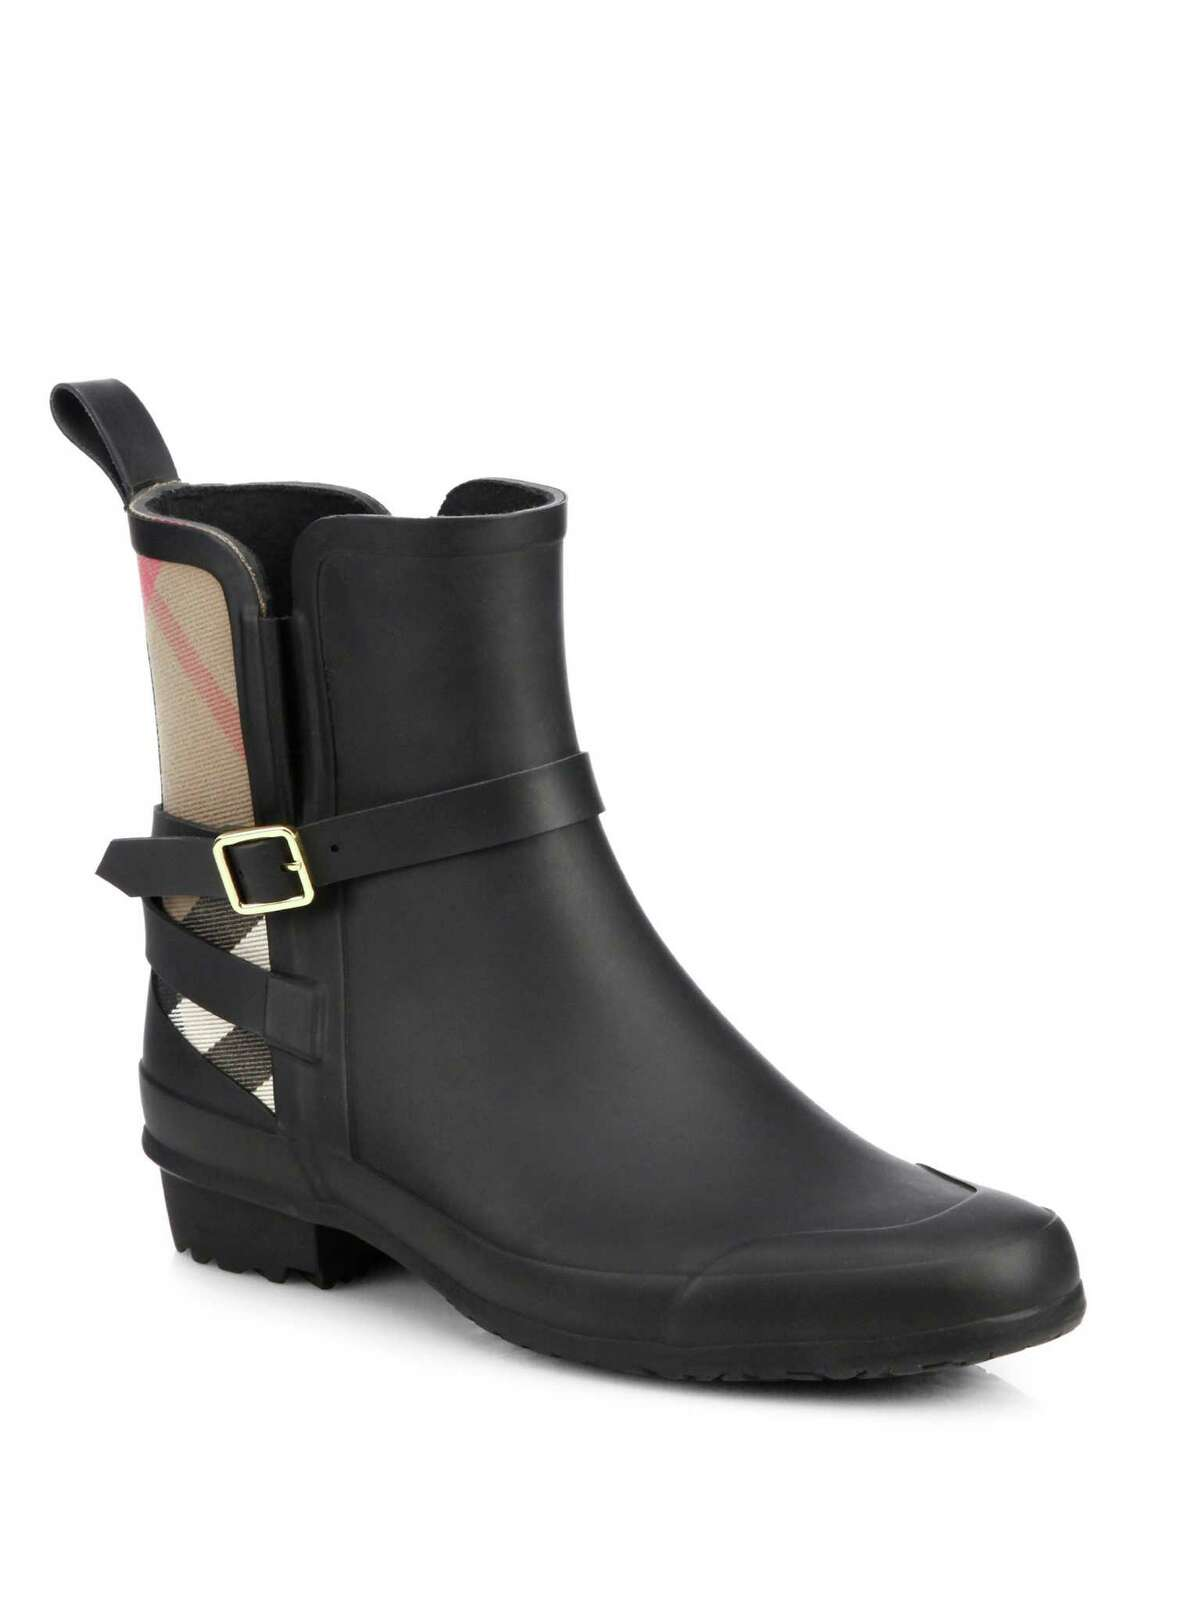 Burberry check rain boot, $325, at saks.com